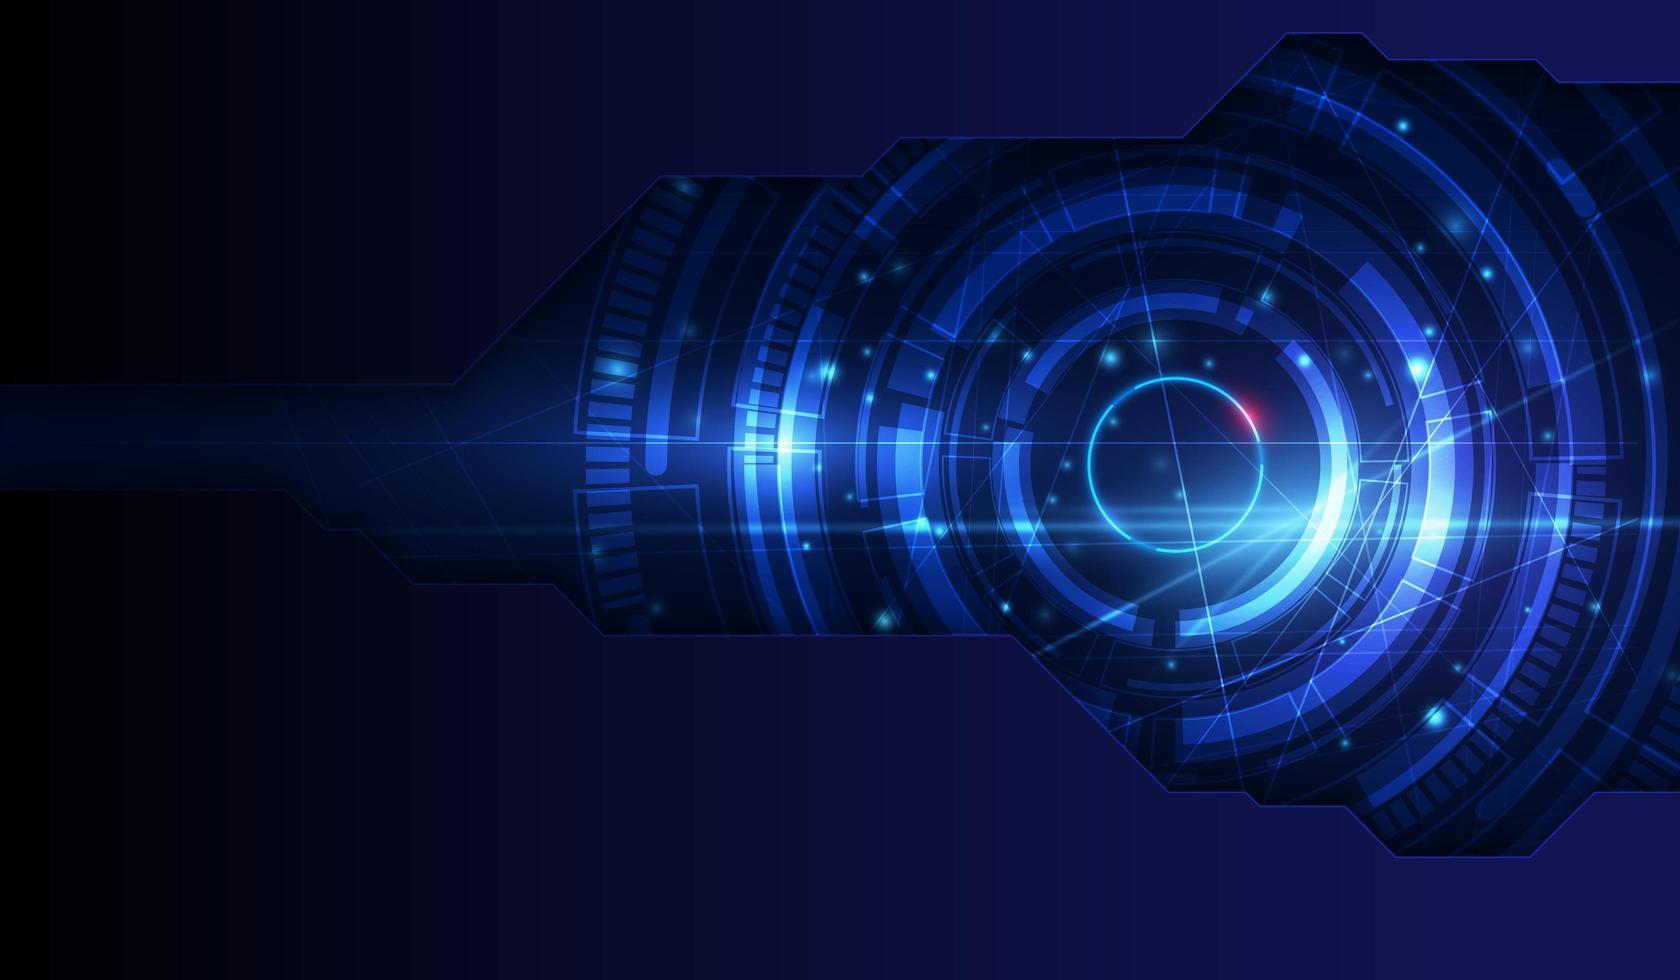 fond de technologie abstraite de lumière bleue vecteur